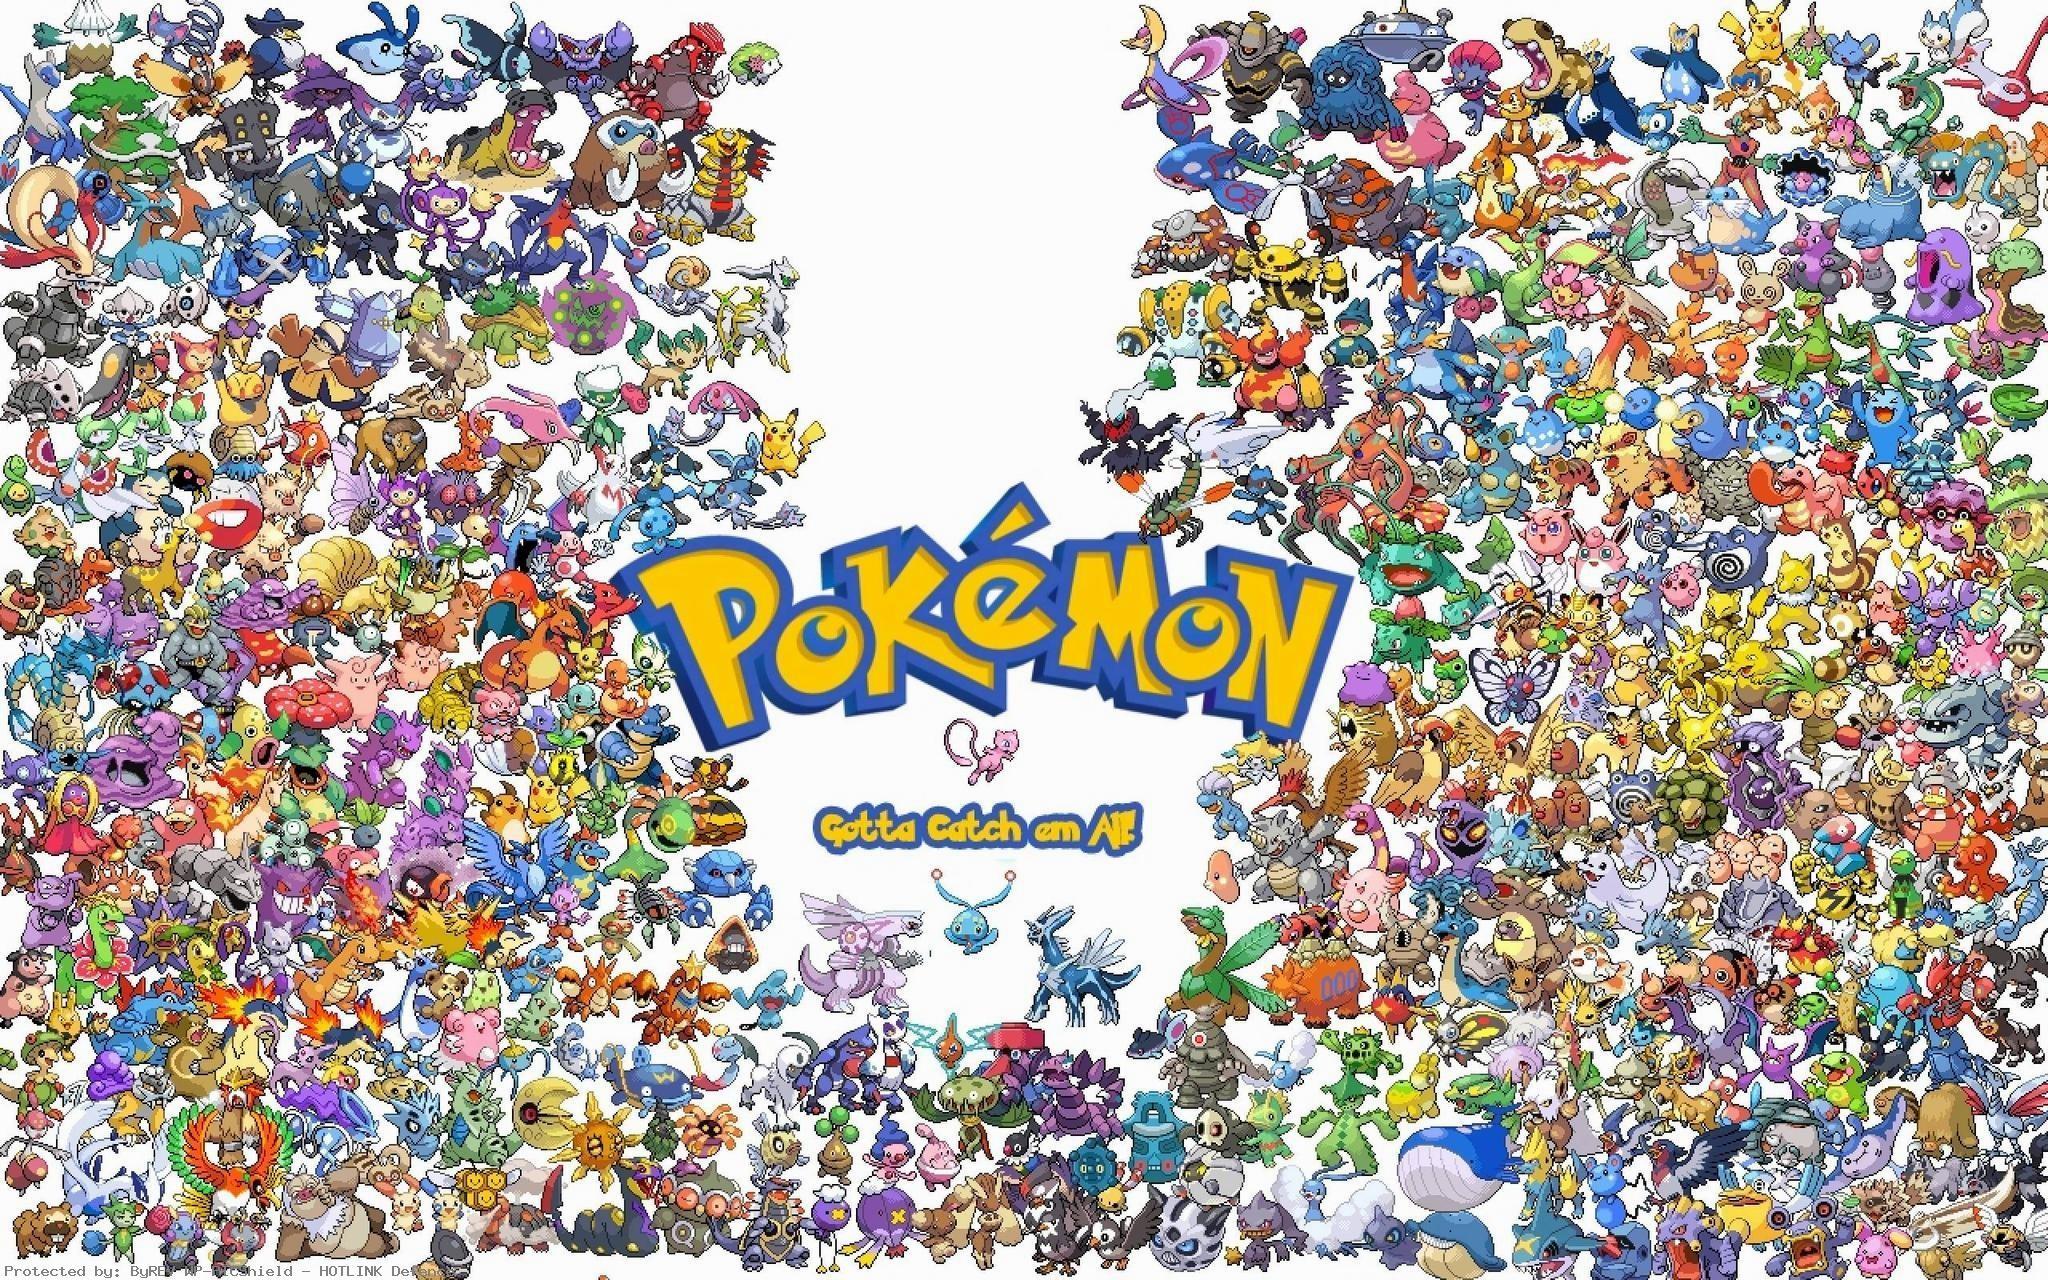 Pokemon-HD-wallpaper-wp3809304